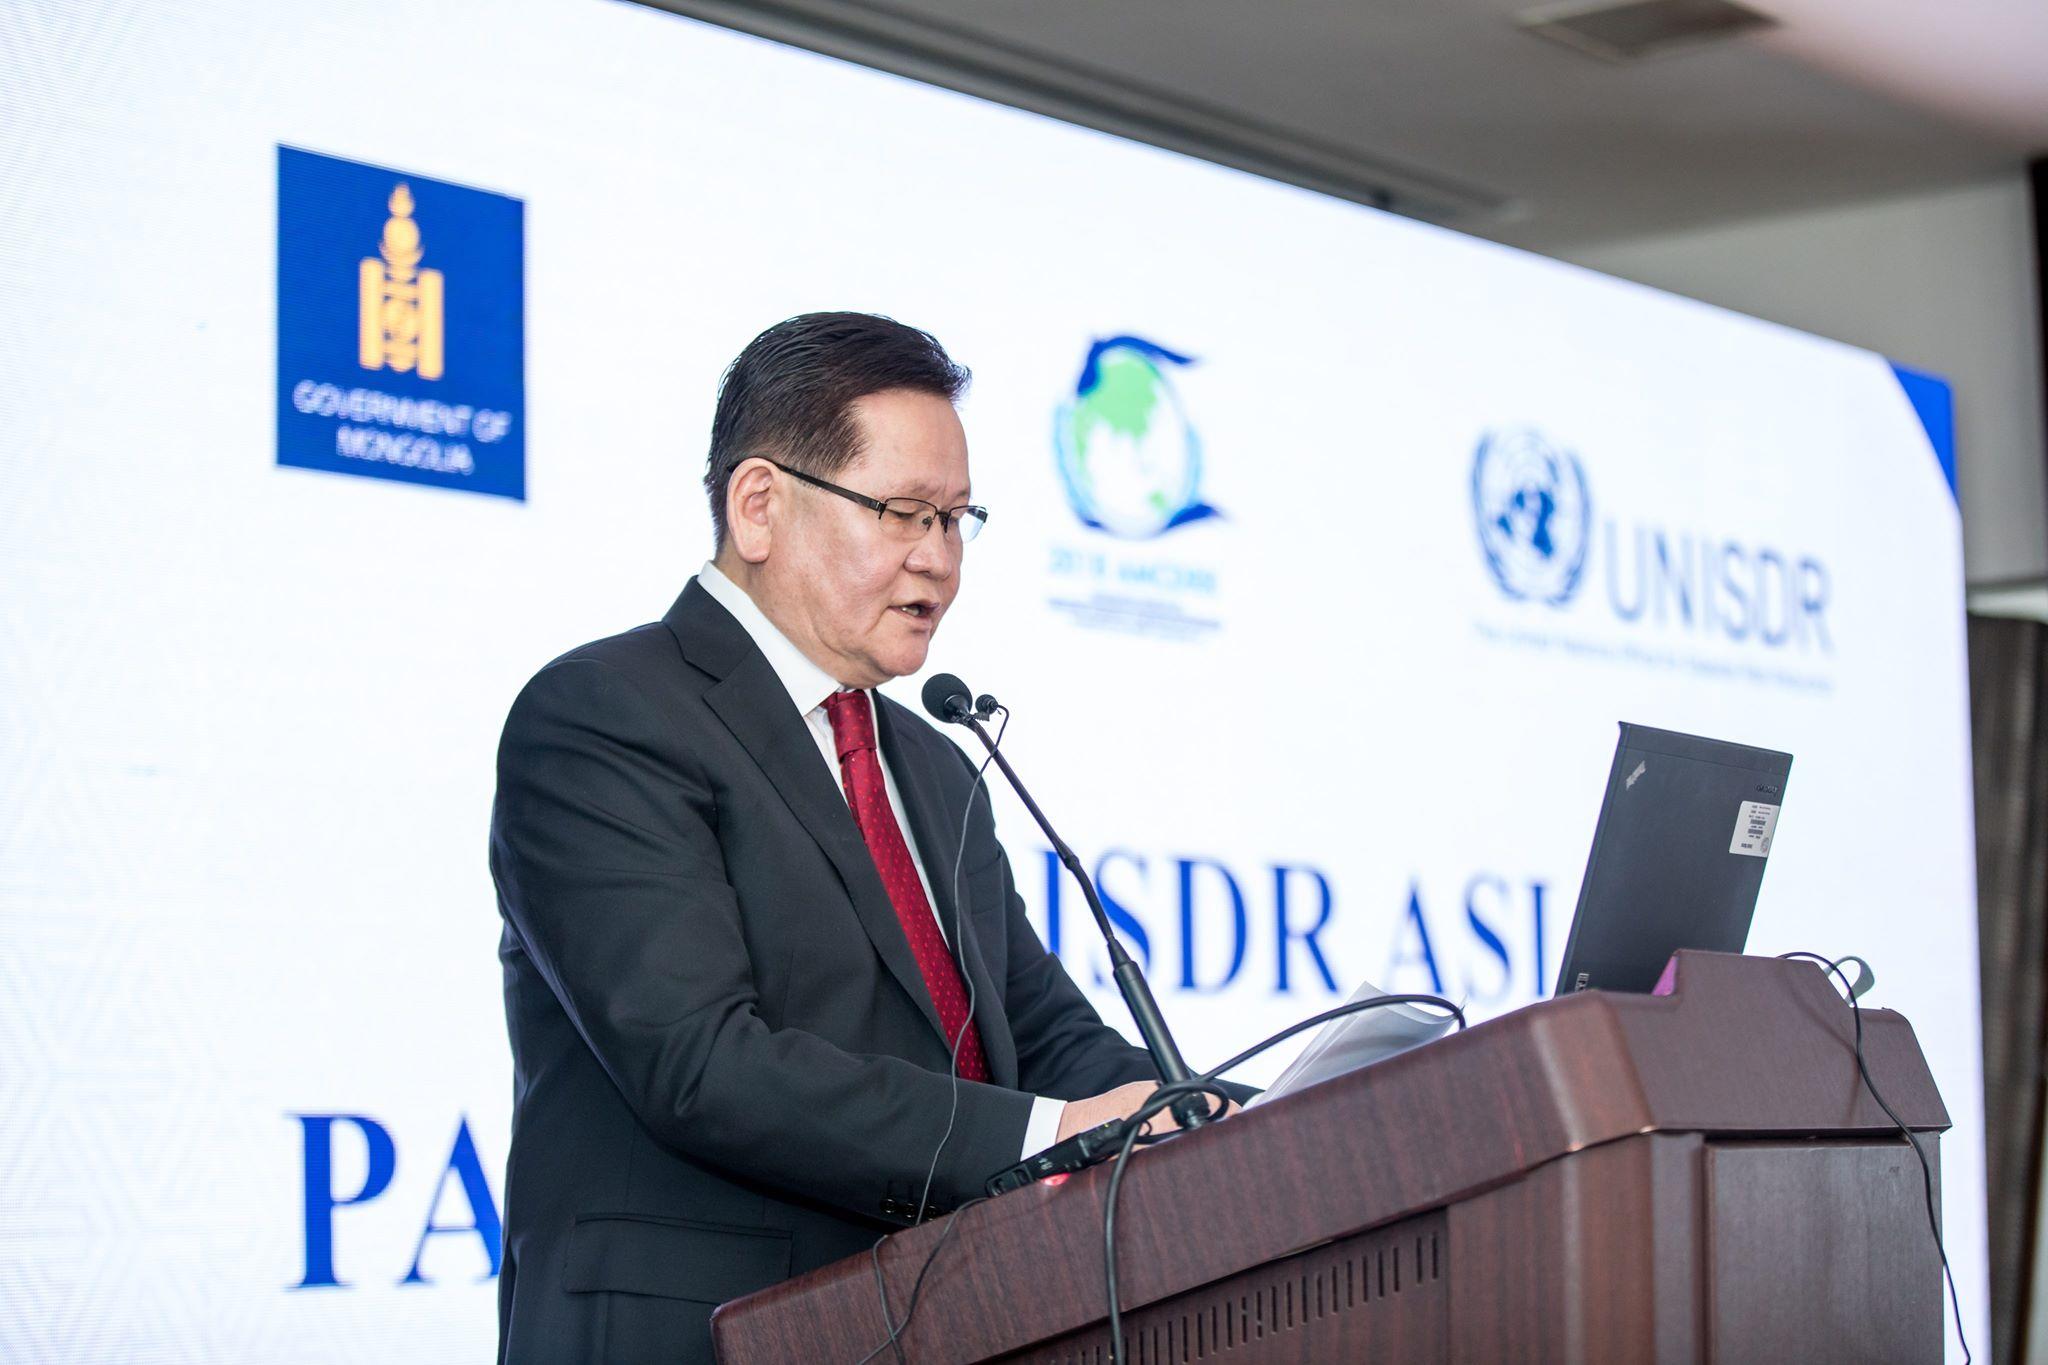 Шадар сайд Ө.Энхтүвшин Азийн түншлэлийн хуралдааныг нээлээ